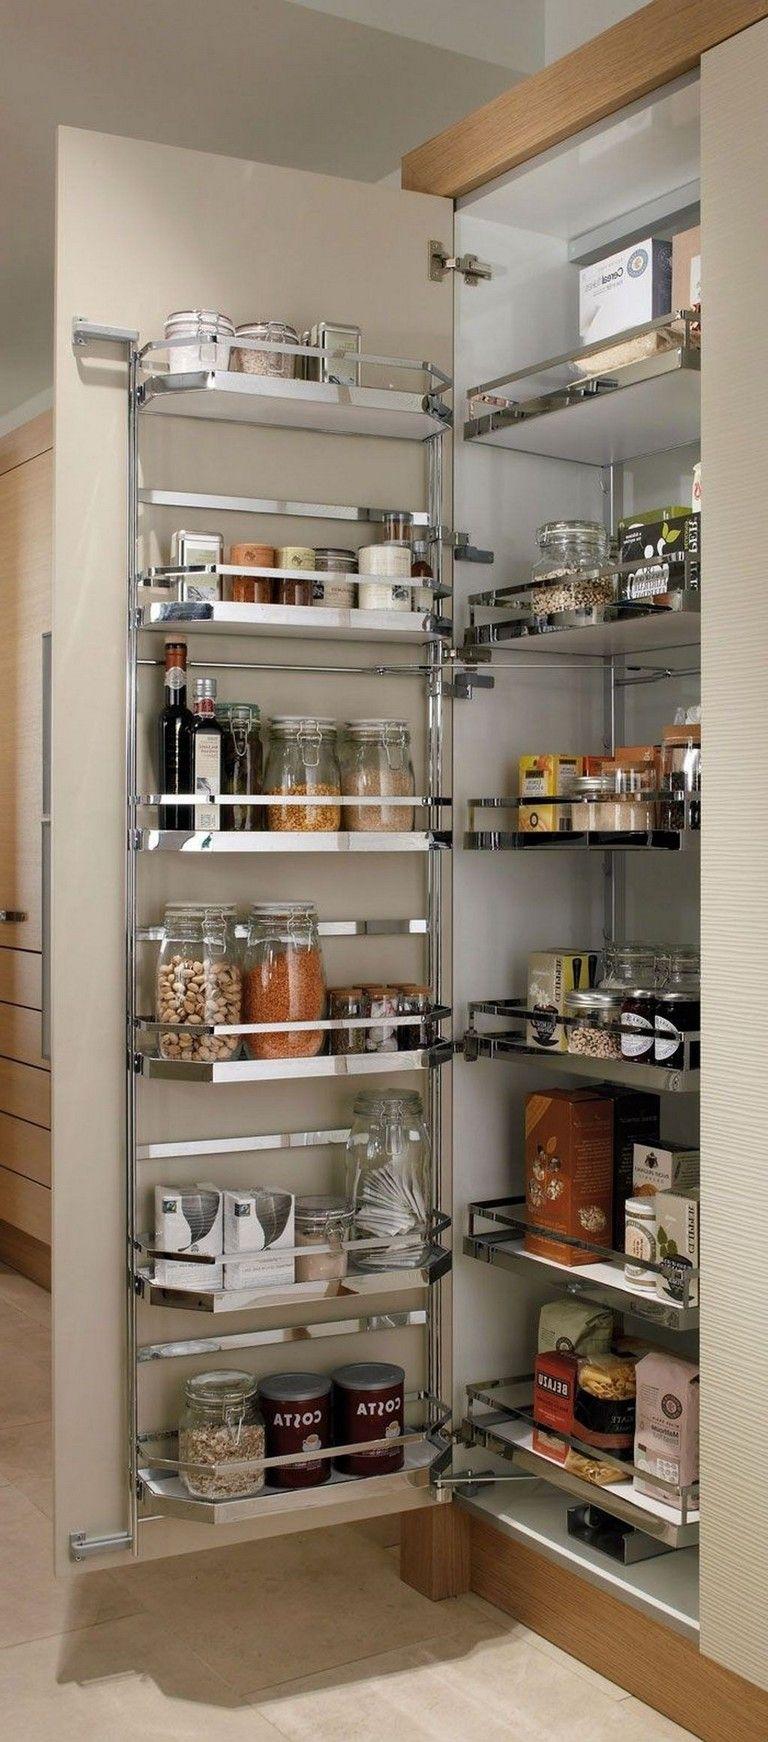 49 Smart Kitchen Storage Ideas Kitchen Cabinet Organization Layout Kitchen Pantry Design Kitchen Cupboard Organization